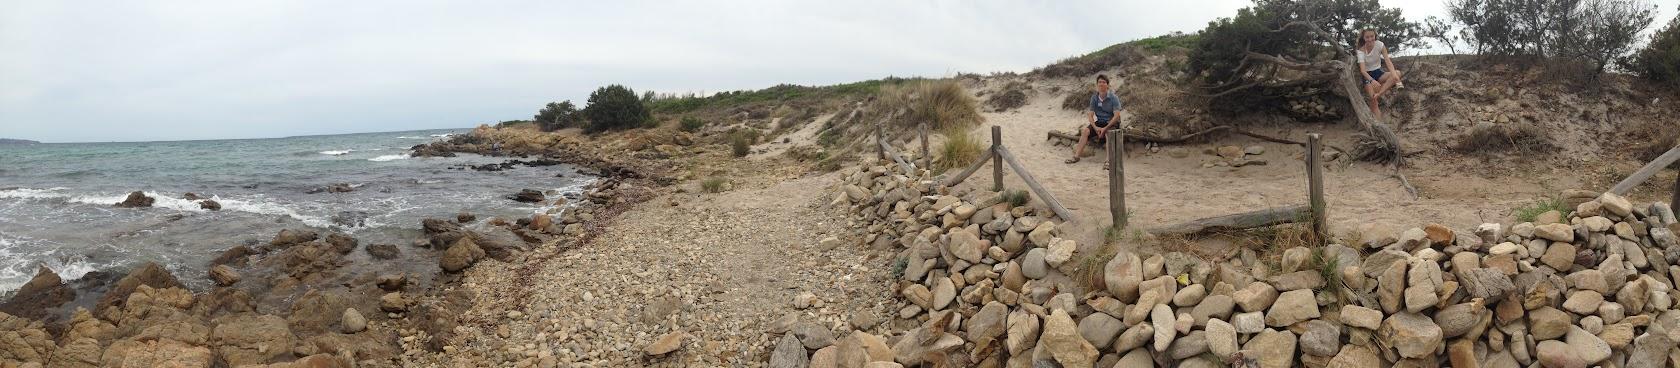 Панорама побережья